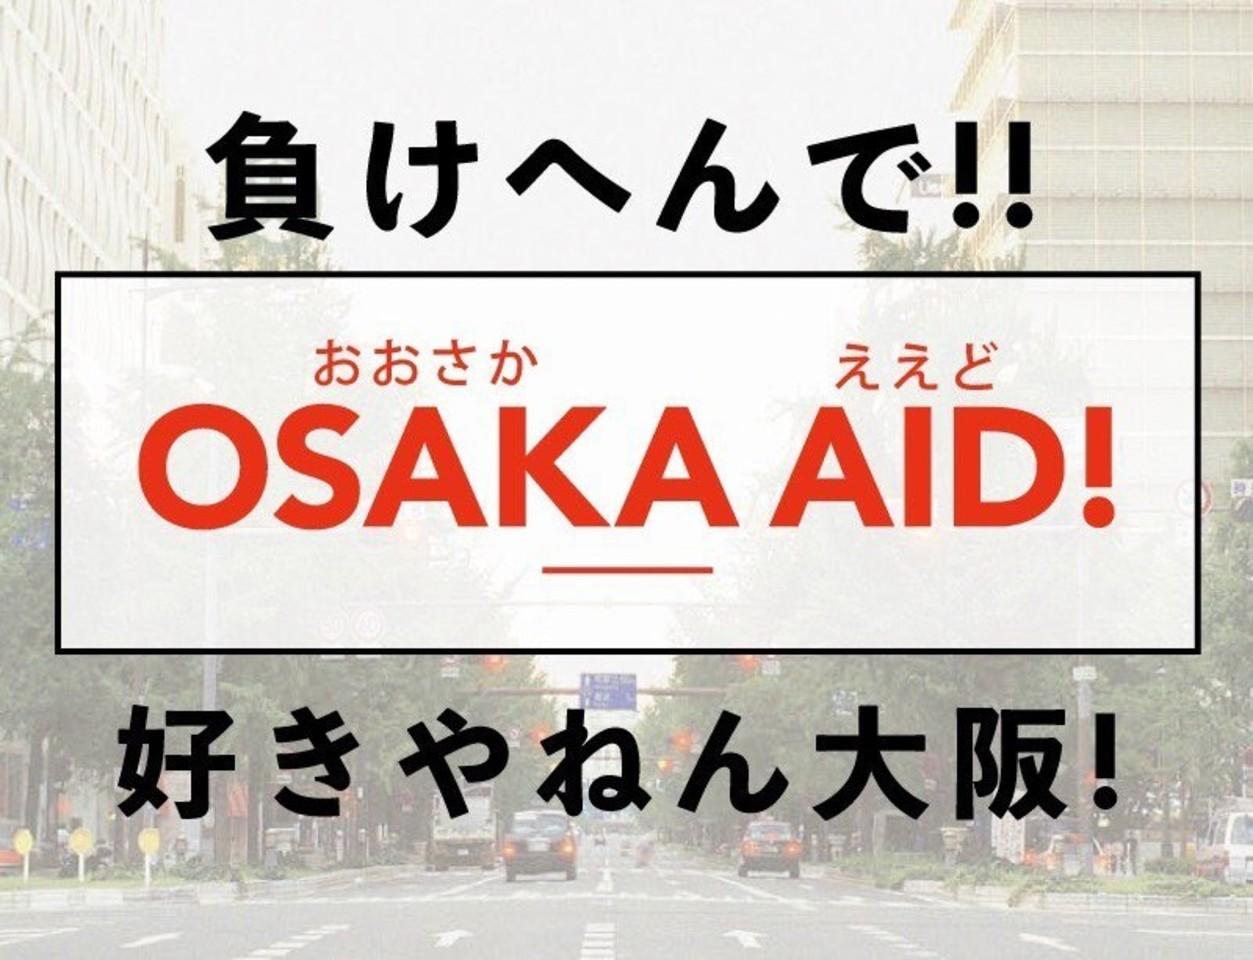 大阪のお店の緊急救済プロジェク「大阪AID(ええど)!」